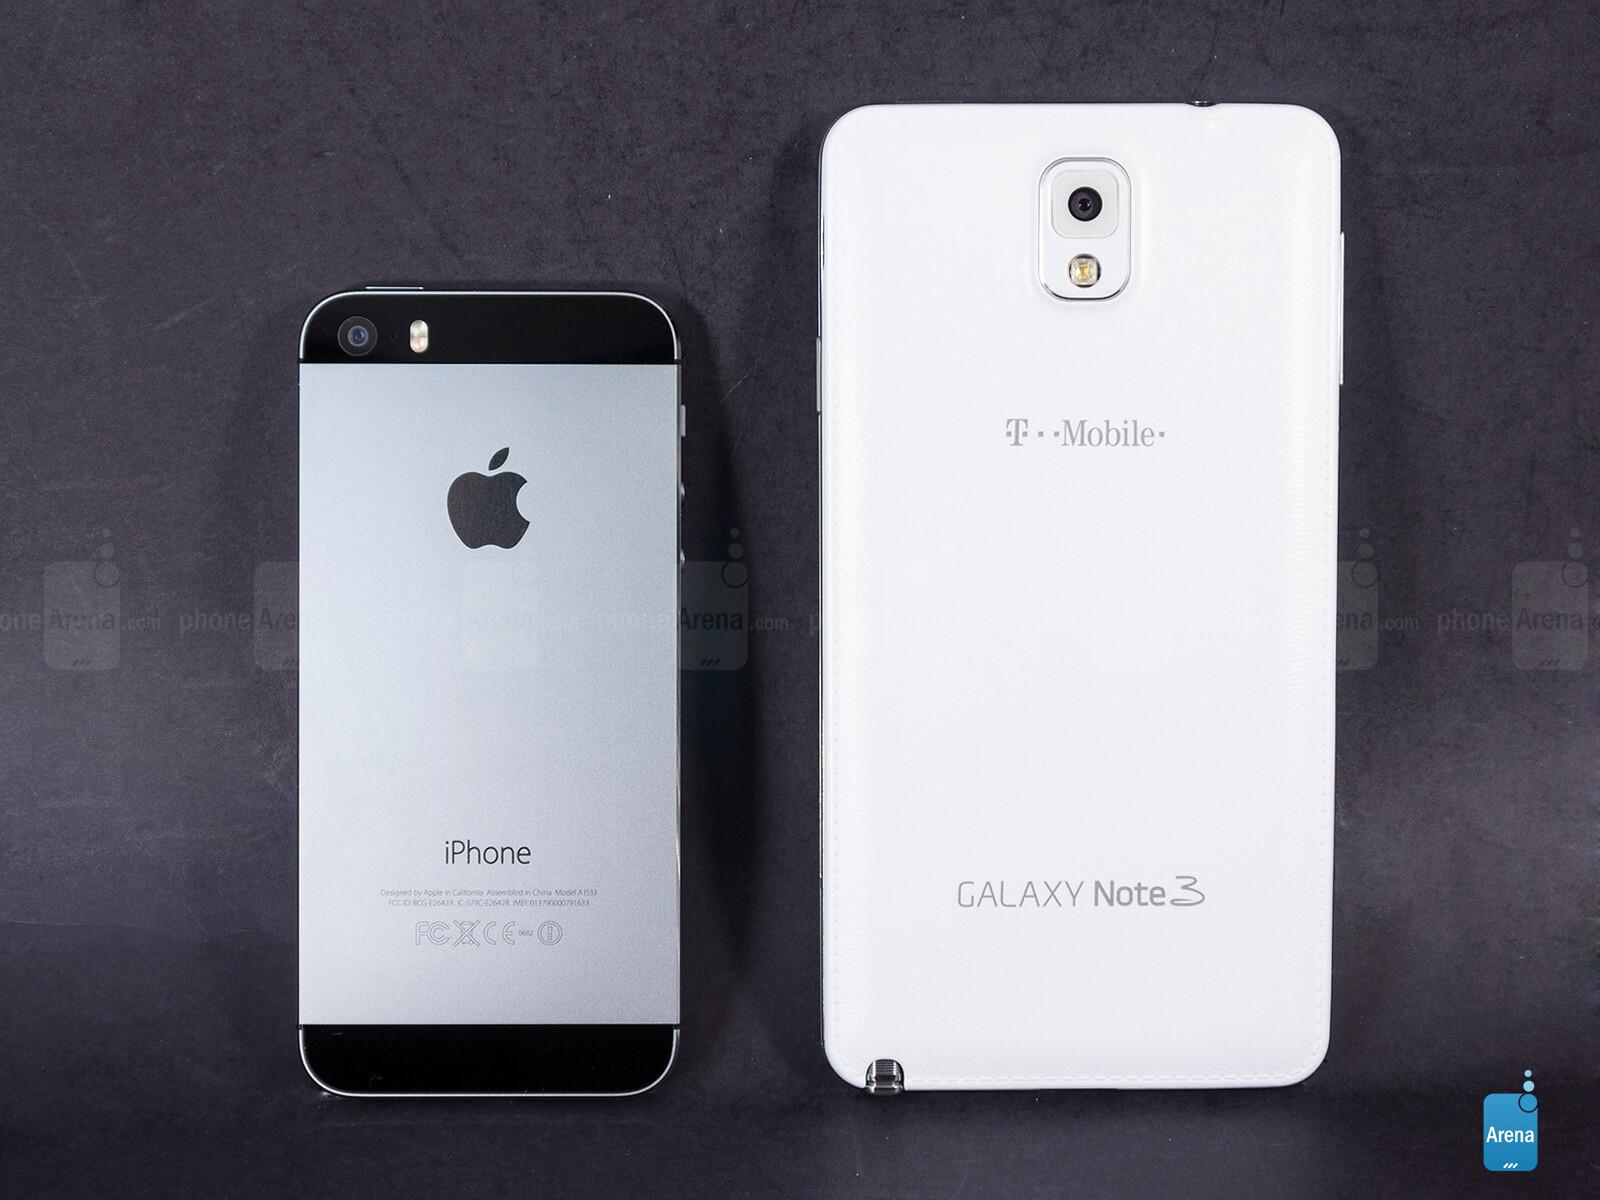 apple iphone 5s vs samsung galaxy Compara i cellulari samsung galaxy a3, apple iphone 5s, apple iphone 5c, apple iphone 5 e scopri tutte le differenze.